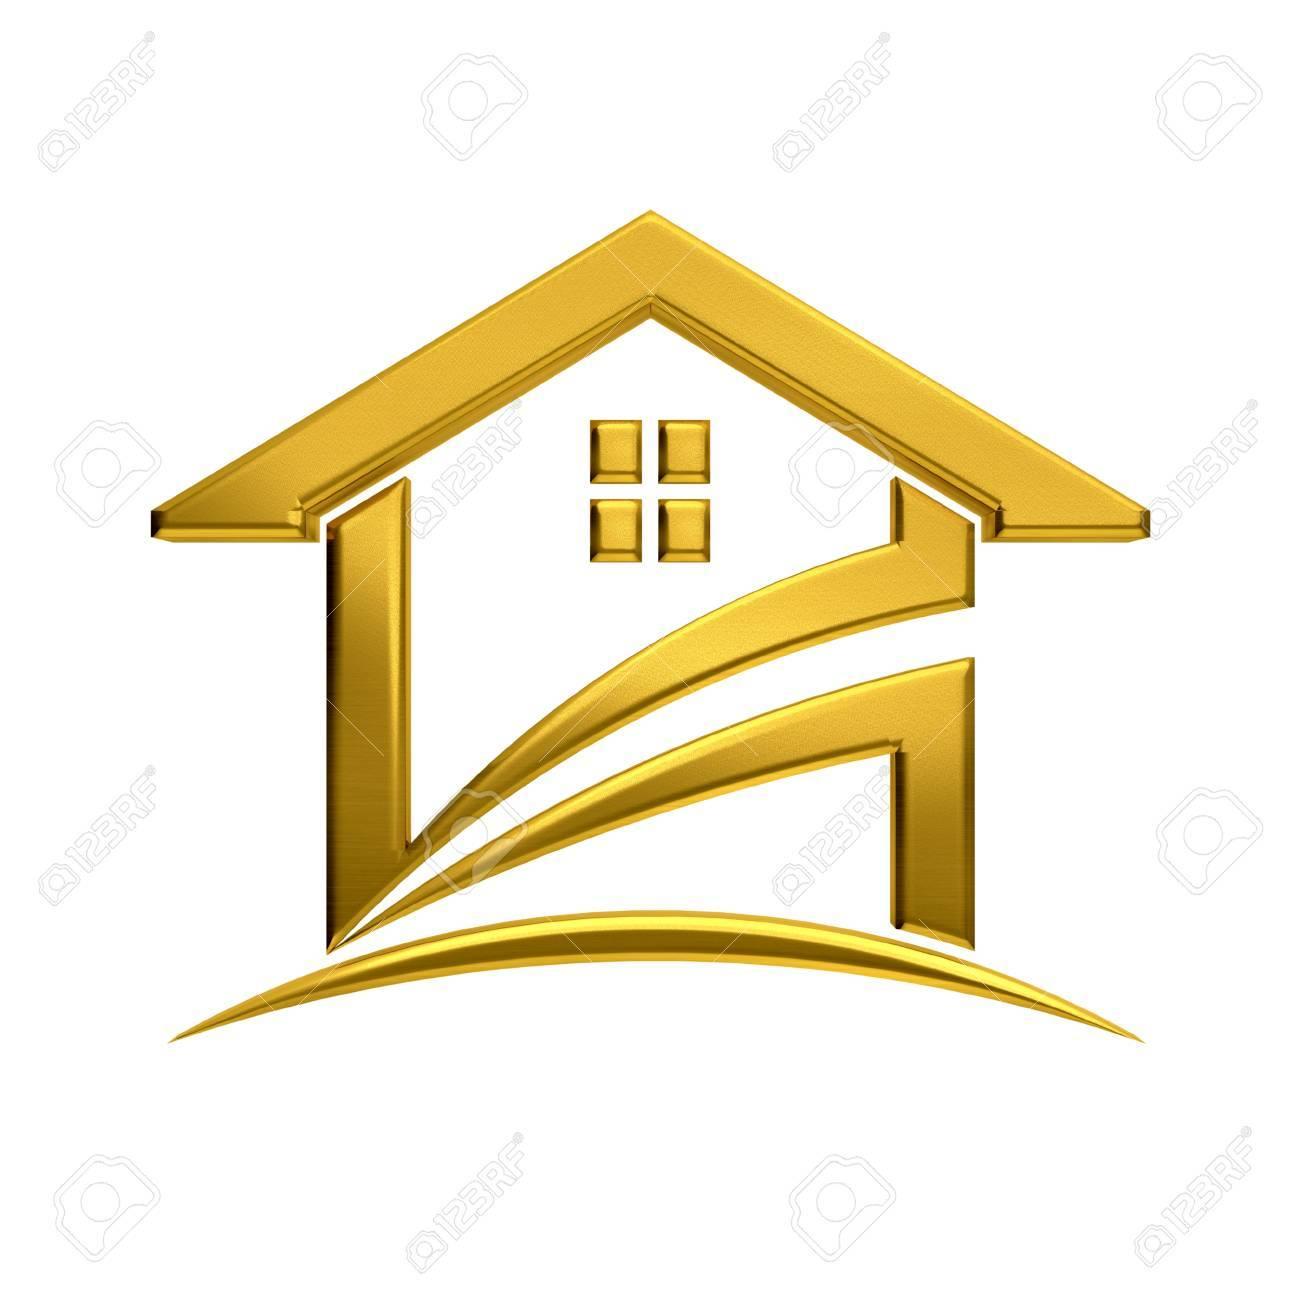 L Image De L Immobilier De Maison Doree Banque D Images Et Photos Libres De Droits Image 33720663